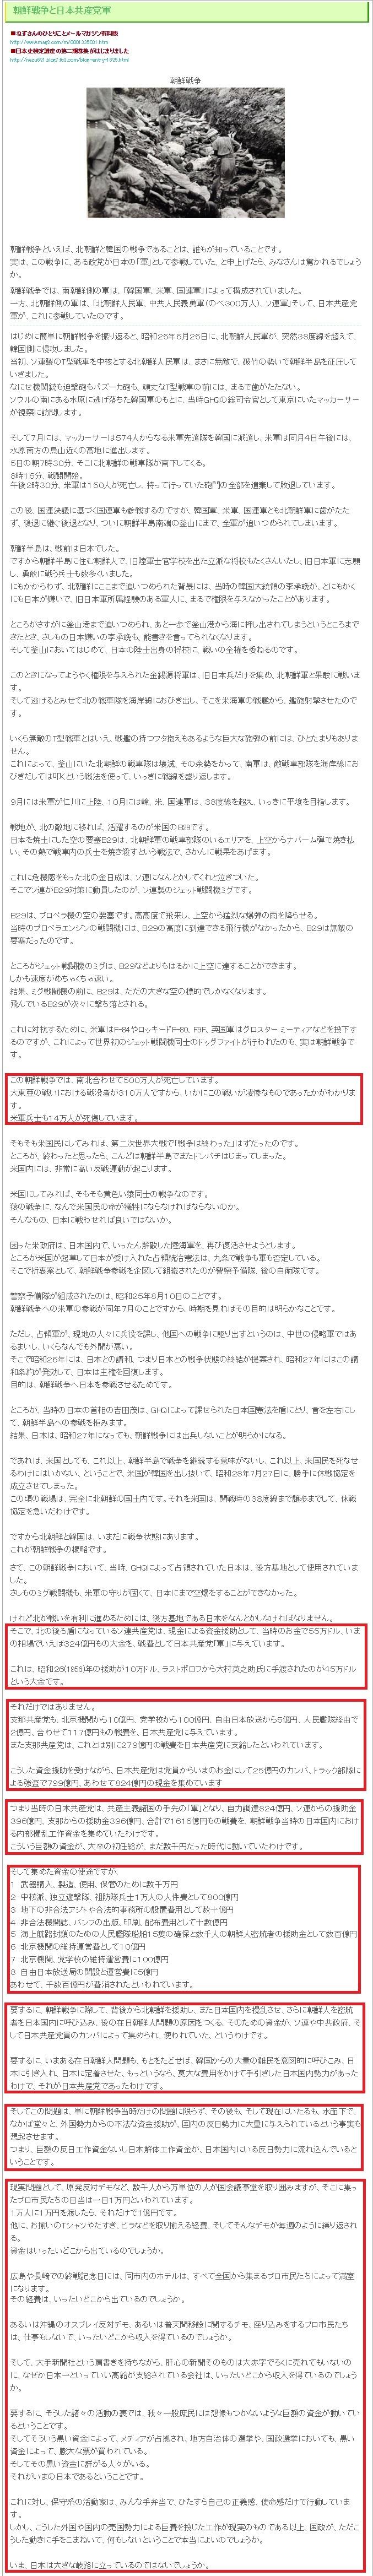 ねずさん「朝鮮戦争と日本共産党軍」